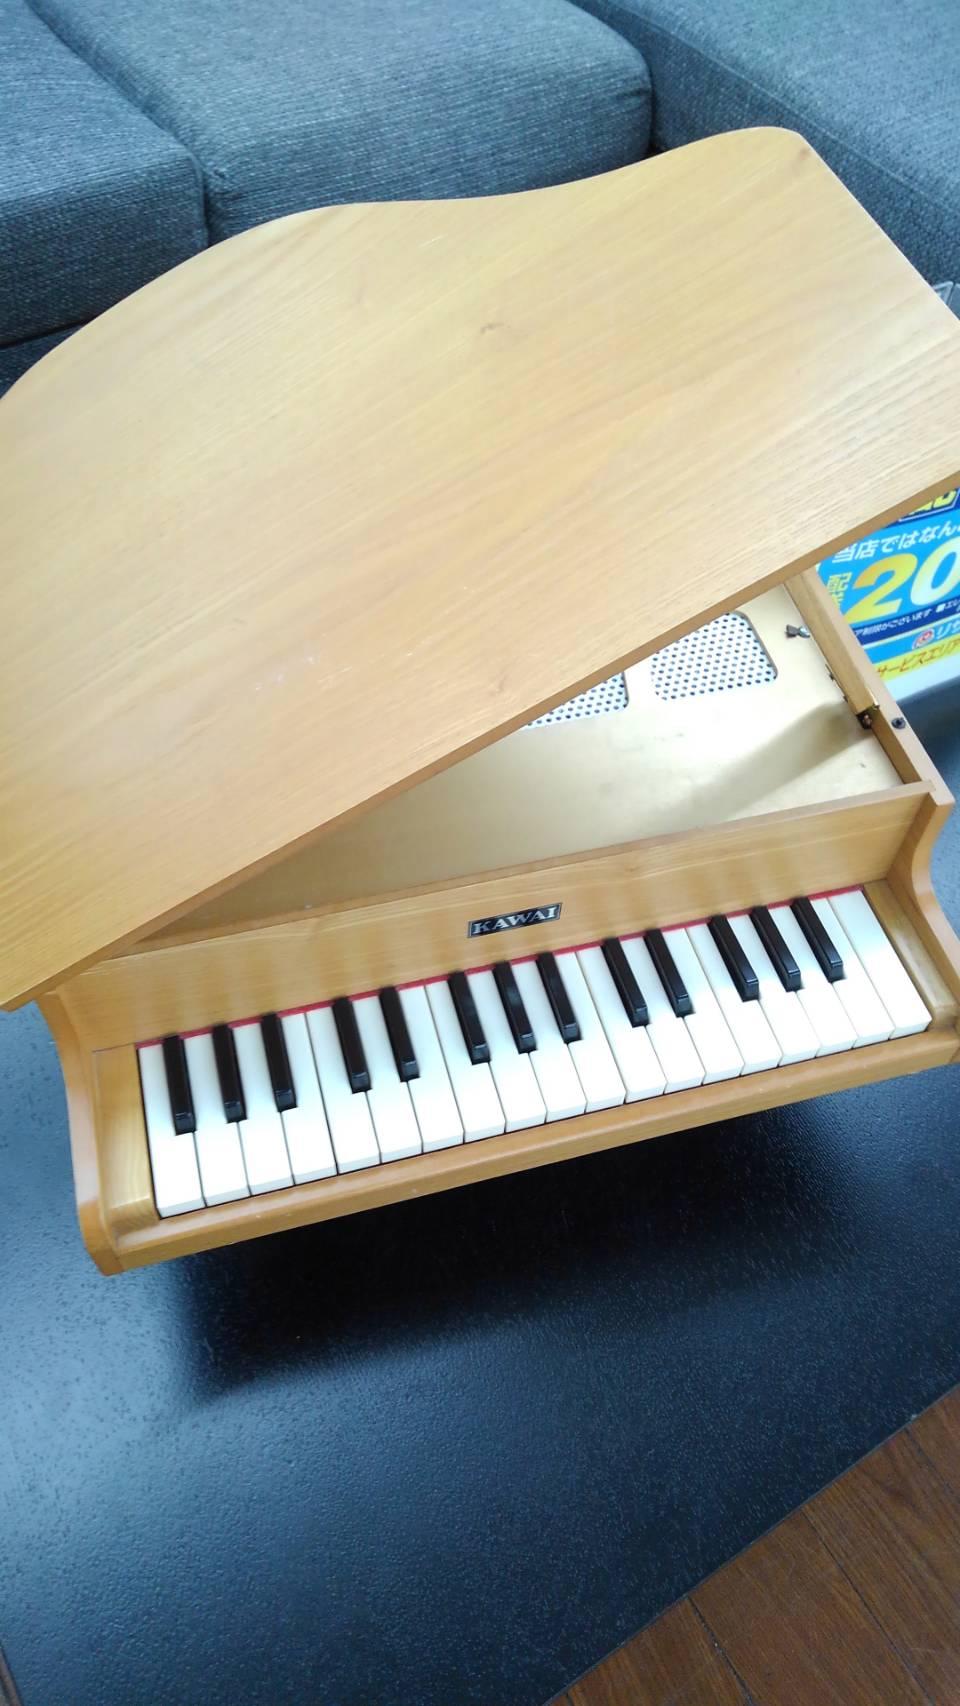 【ミニピアノ トイピアノ KAWAI カワイ 32鍵 ナチュラル】買い取り致しました!の買取-